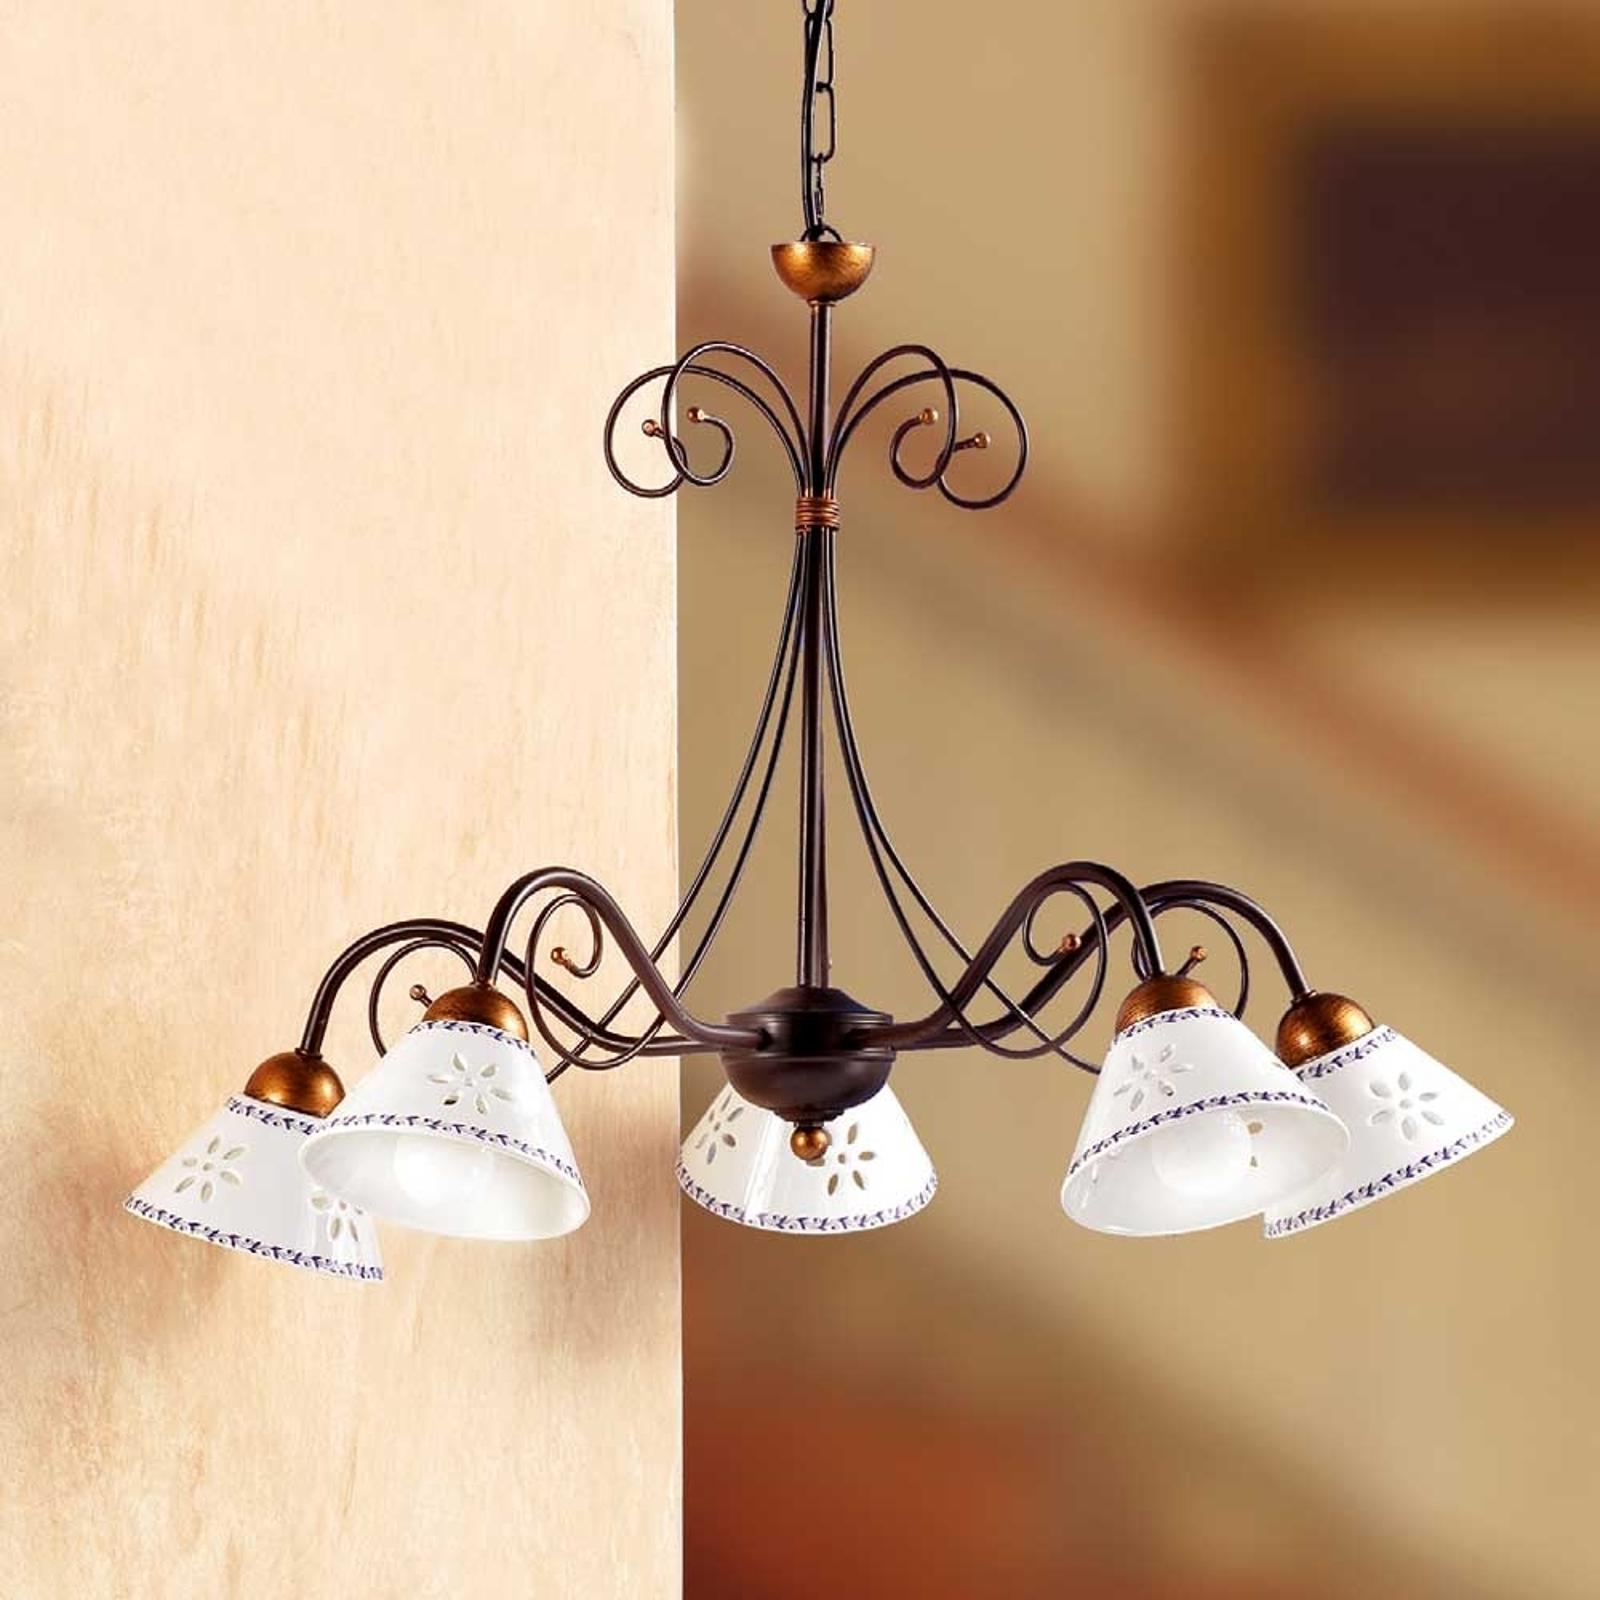 Suspension romantique LIBERTY 5 lampes